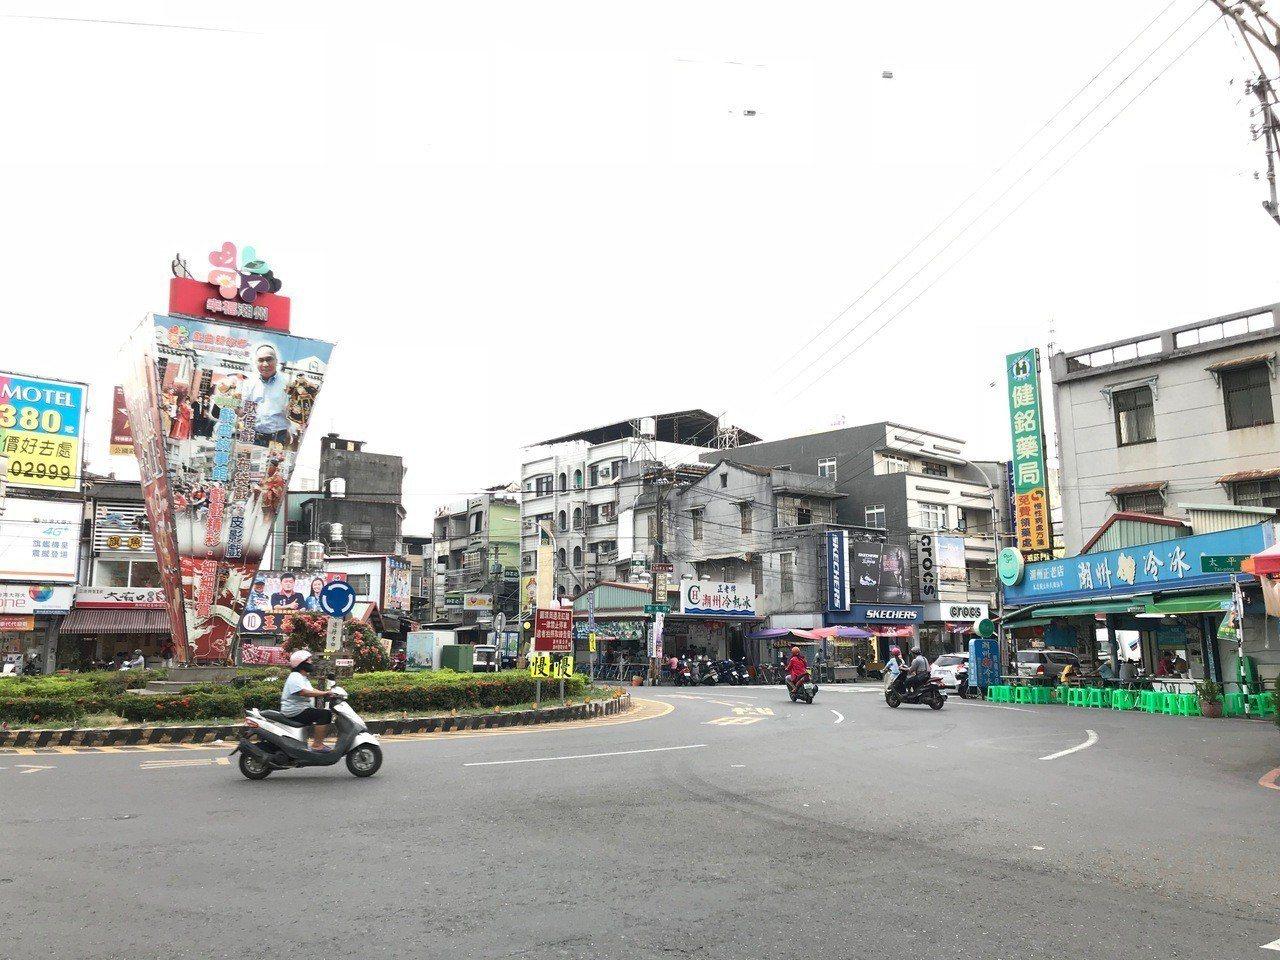 屏東縣潮州鎮建基圓環是熱門商圈,當地著名的冷熱冰也開在這裡,吸引許多外地遊客前來...